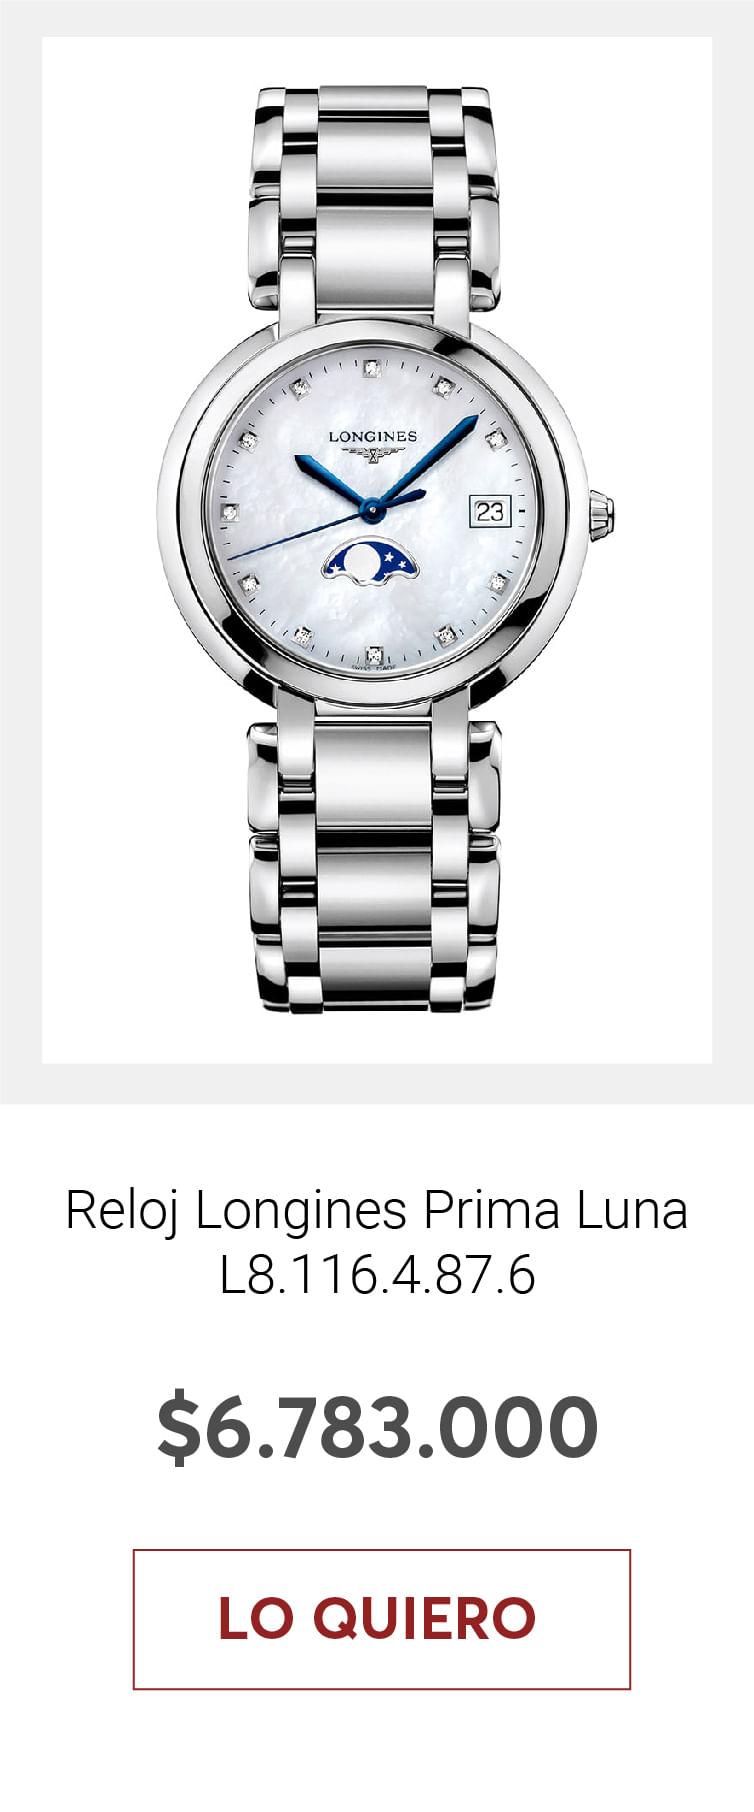 Reloj Longines Prima Luna L8.116.4.87.6